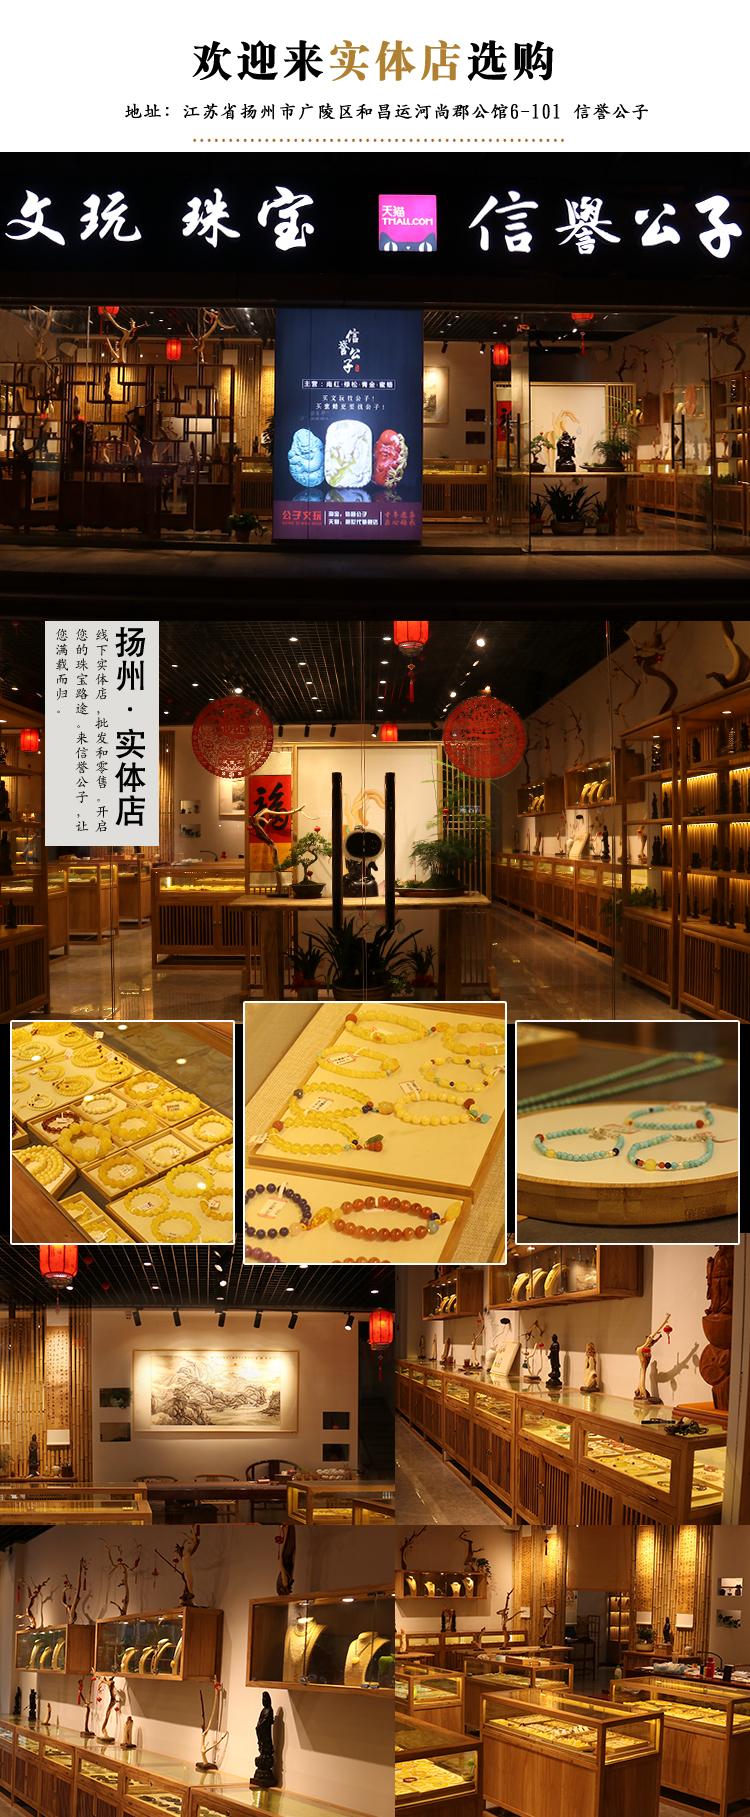 仙記銀坊天然綠檀木手串佛珠老料和闐玉檀香木手鍊男女民族飾品文玩中國風